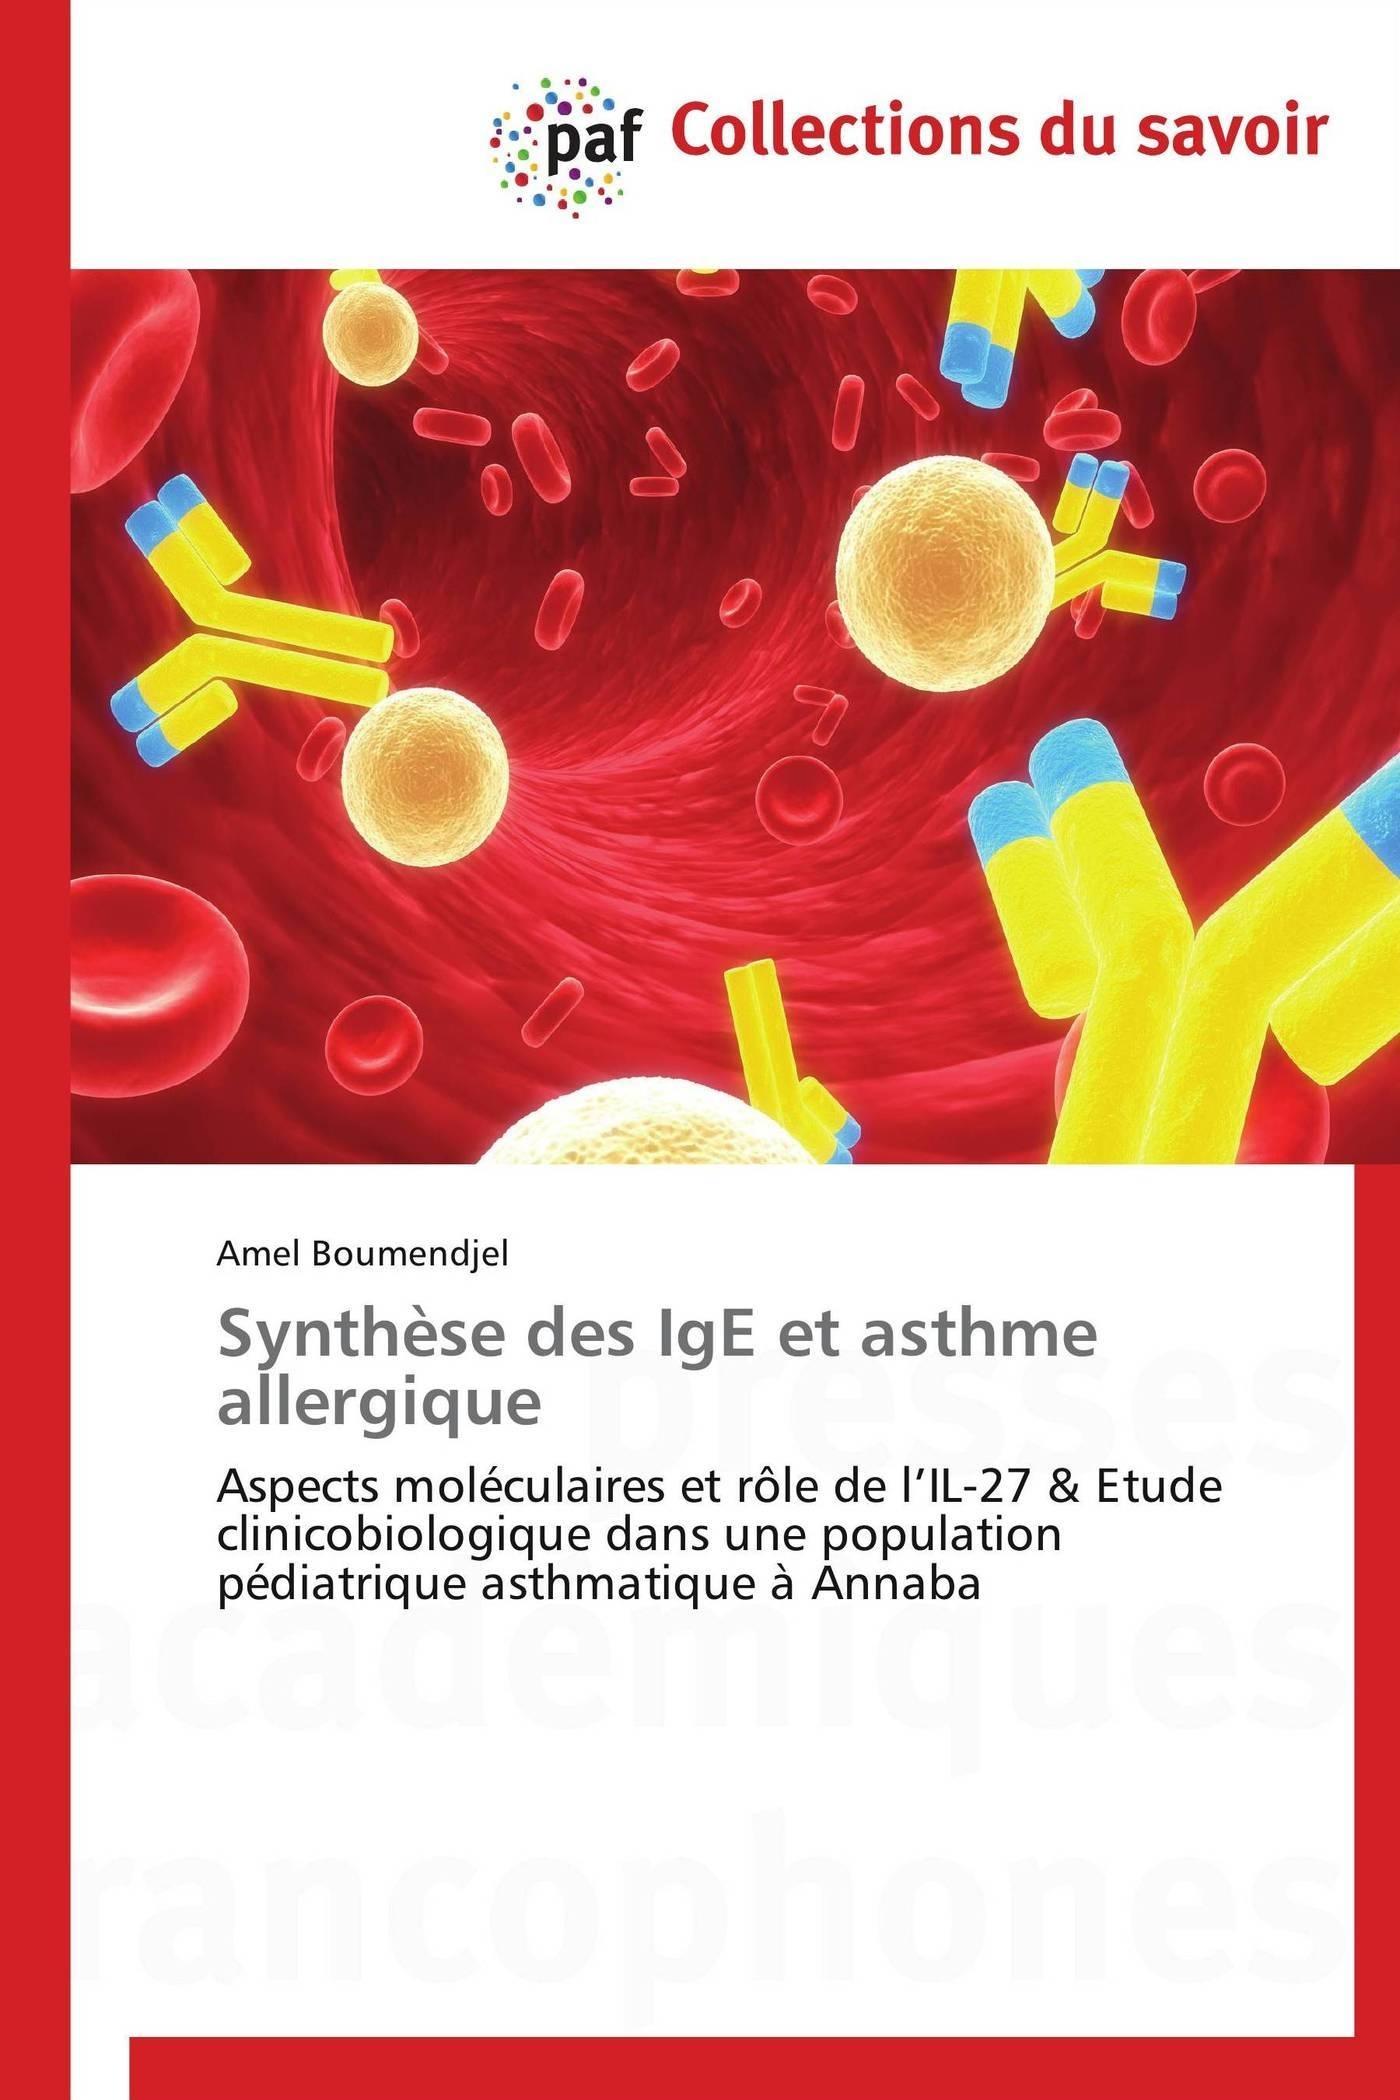 SYNTHESE DES IGE ET ASTHME ALLERGIQUE